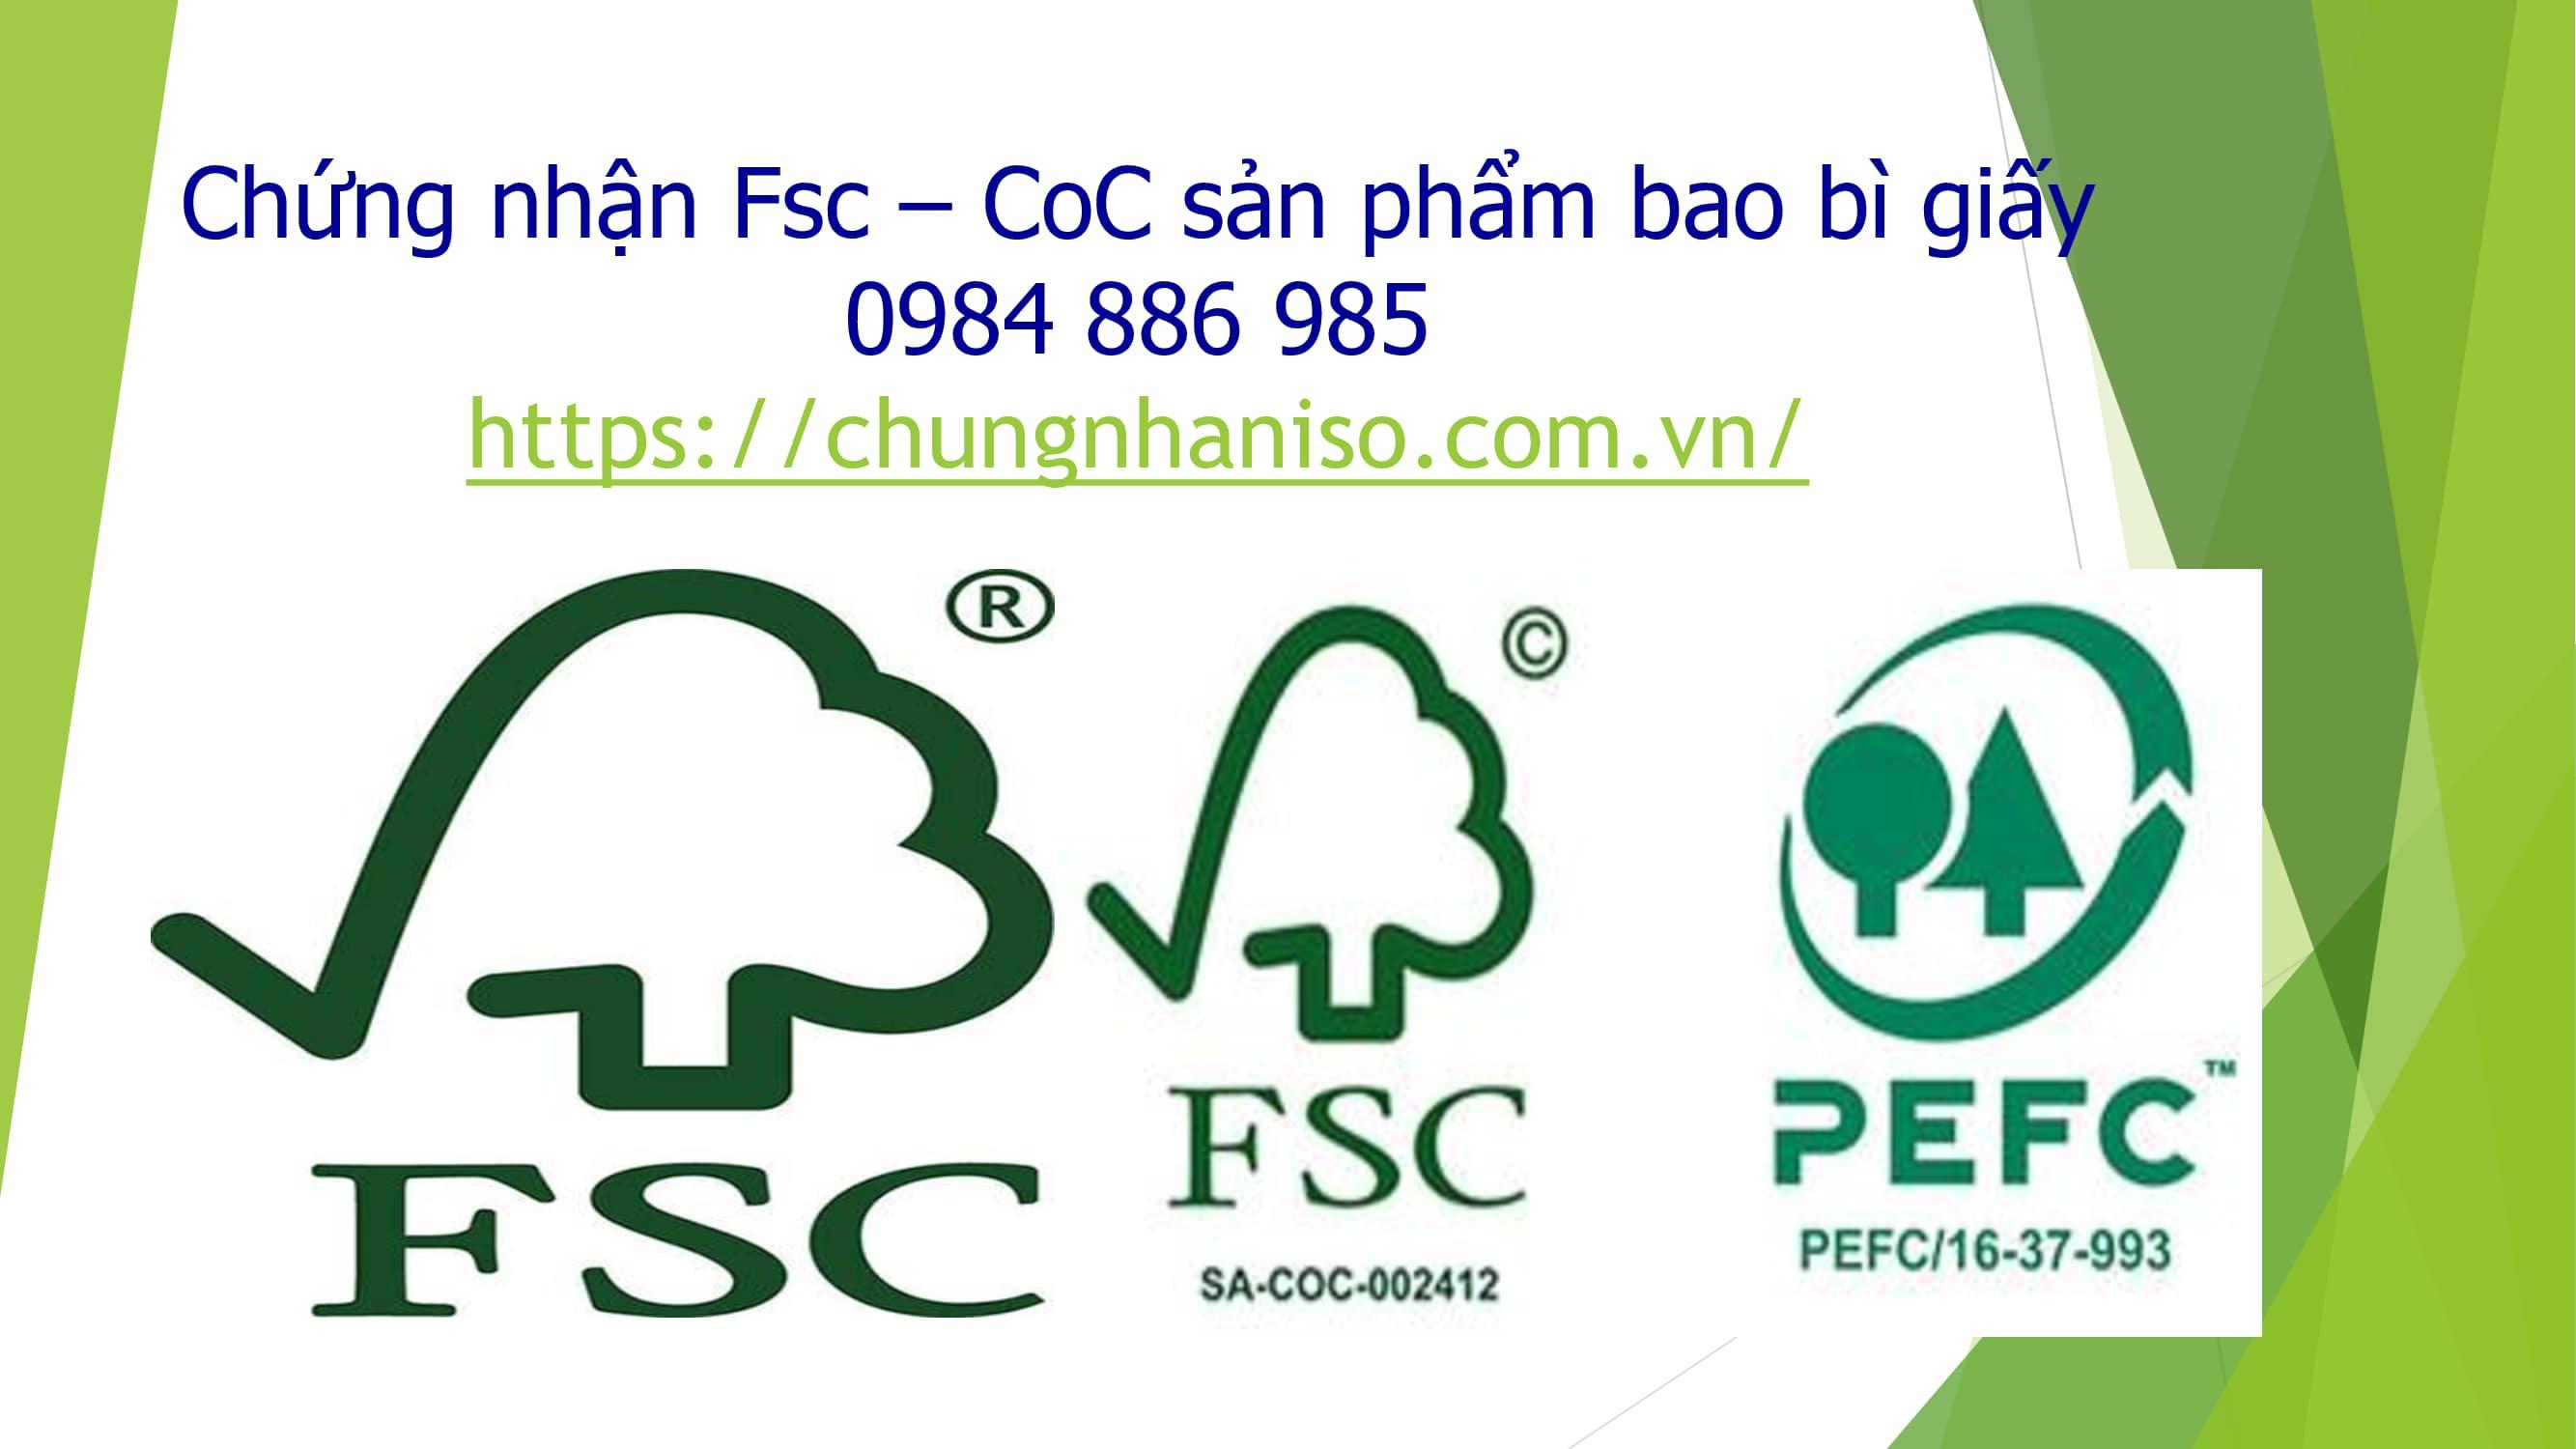 Chứng nhận Fsc coc sản phẩm bao bì giấy